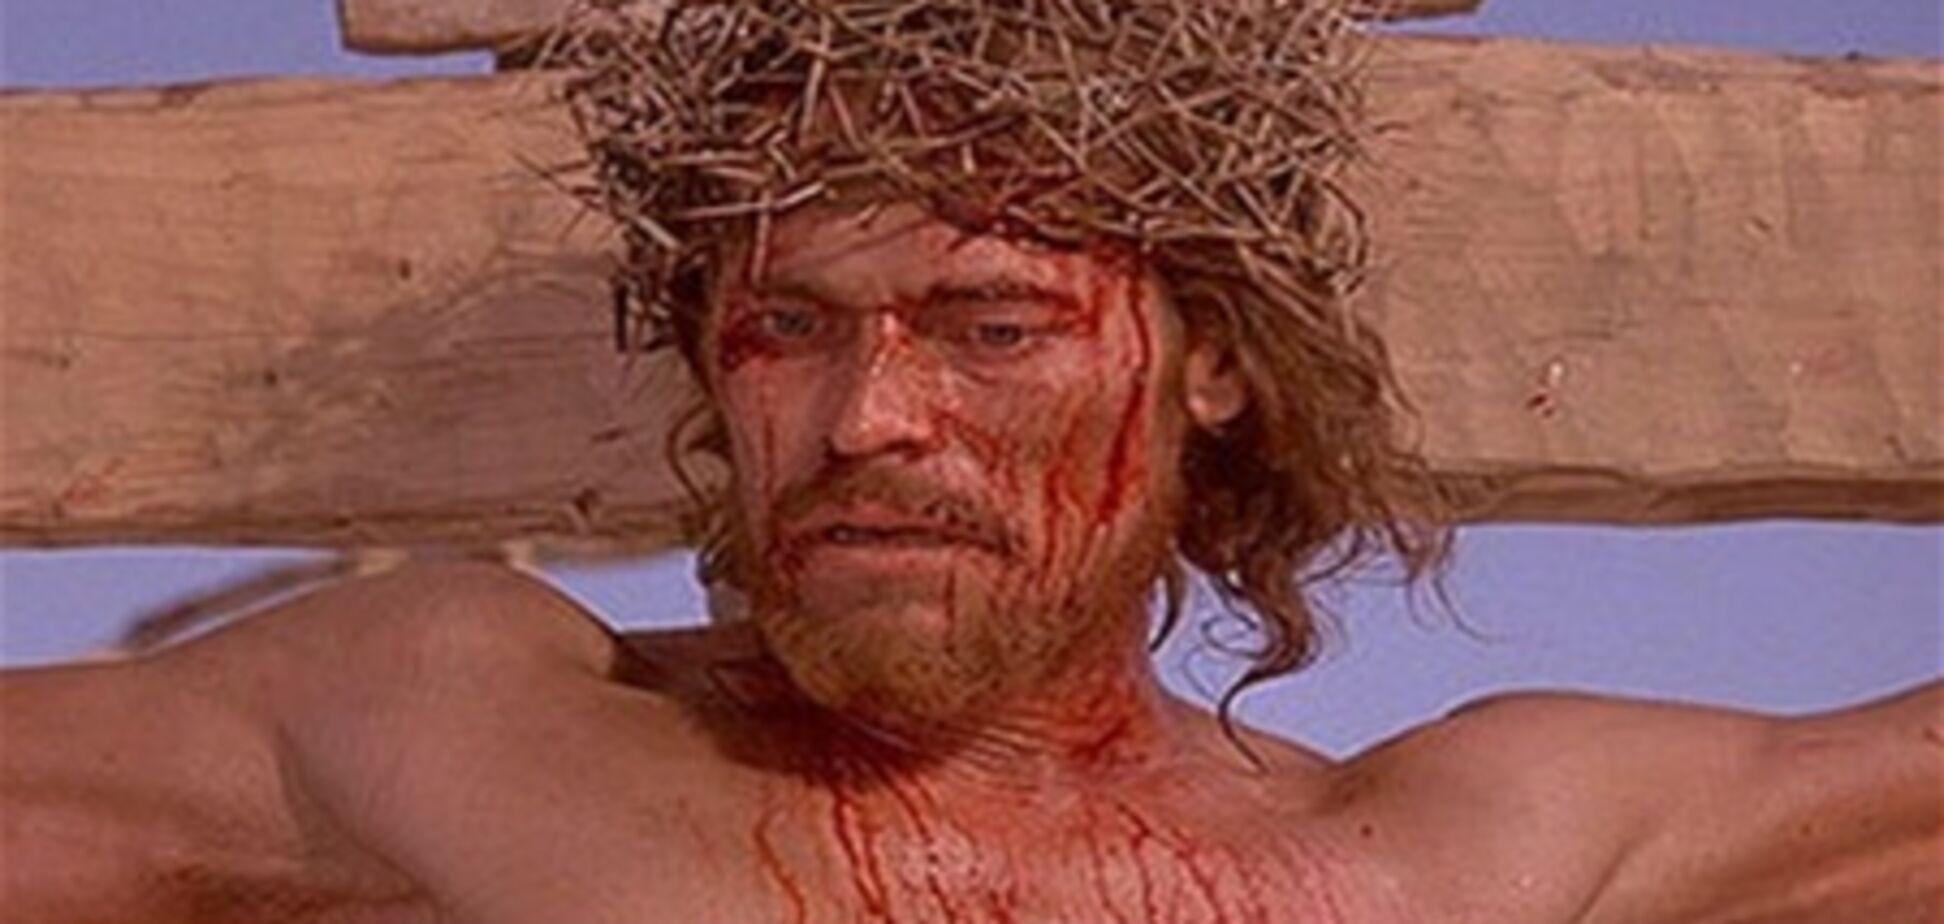 РПЦ не вважає екстремістським фільм 'Остання спокуса Христа'